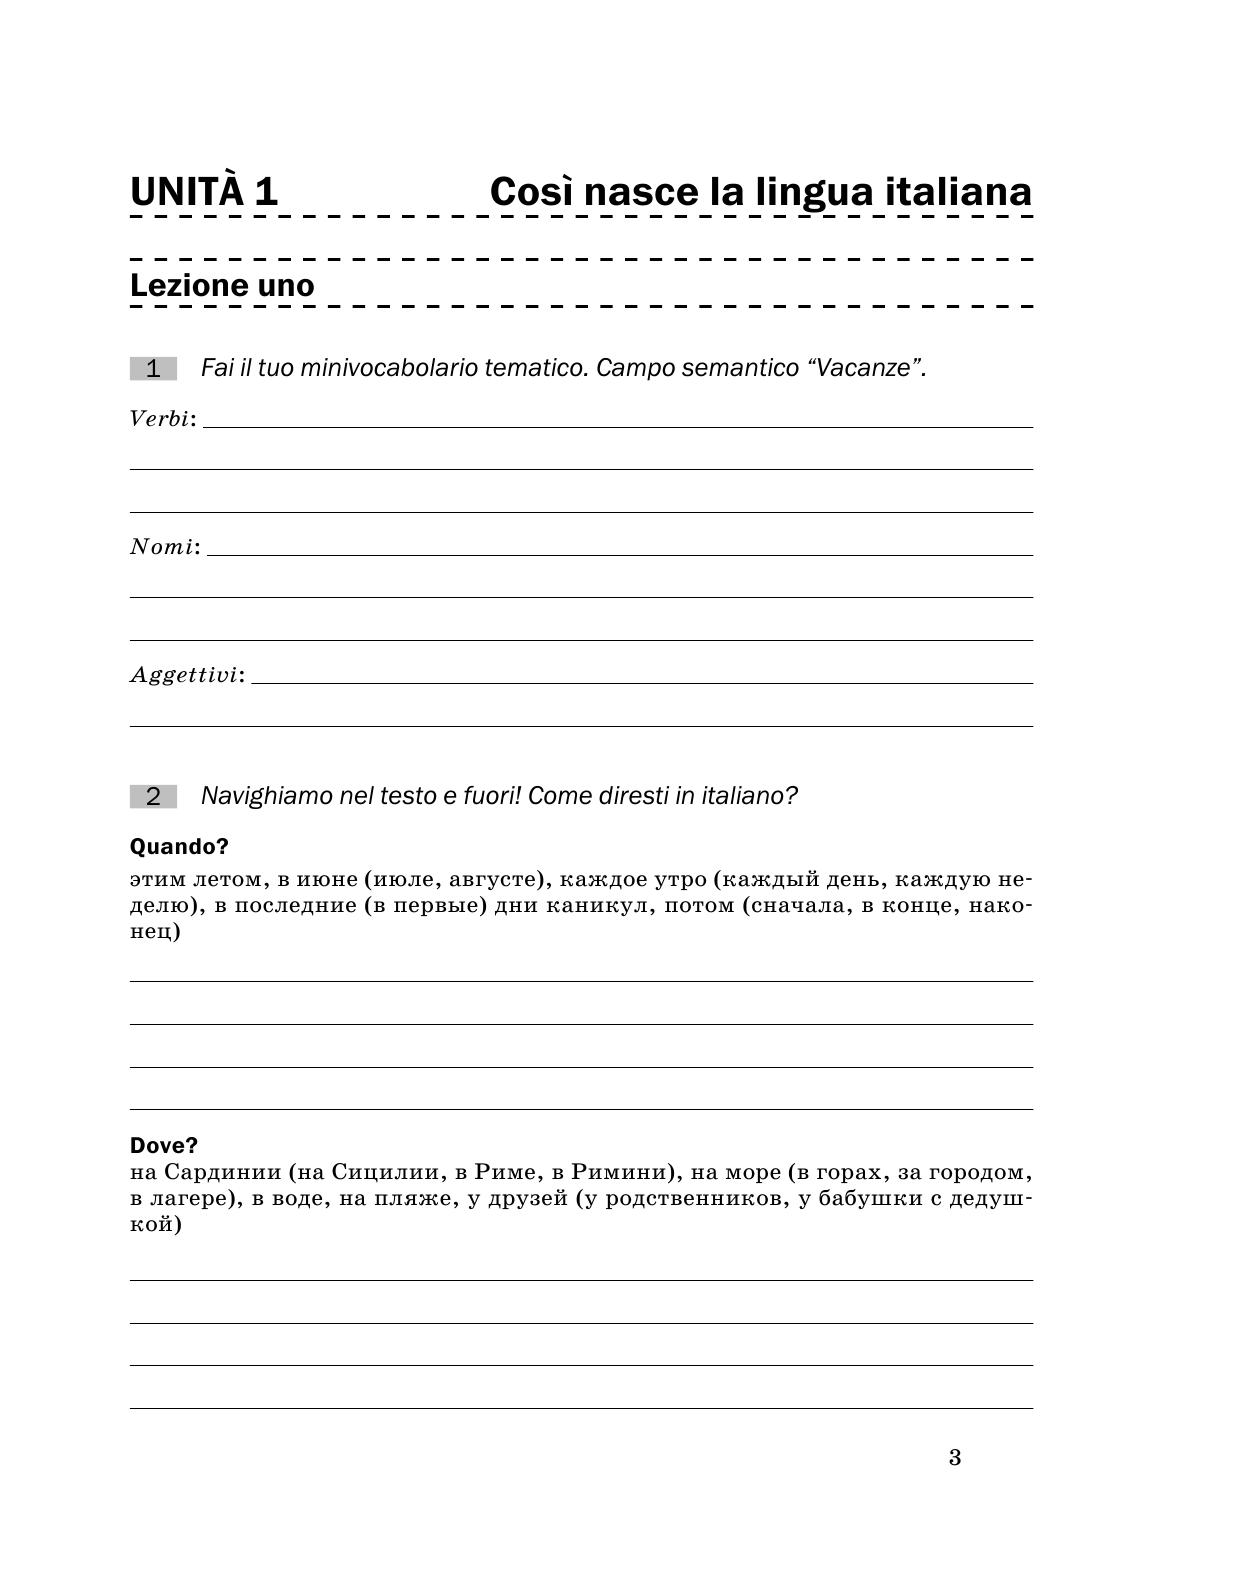 Итальянский язык. Второй иностранный язык. 8 класс. Рабочая тетрадь. - страница 2